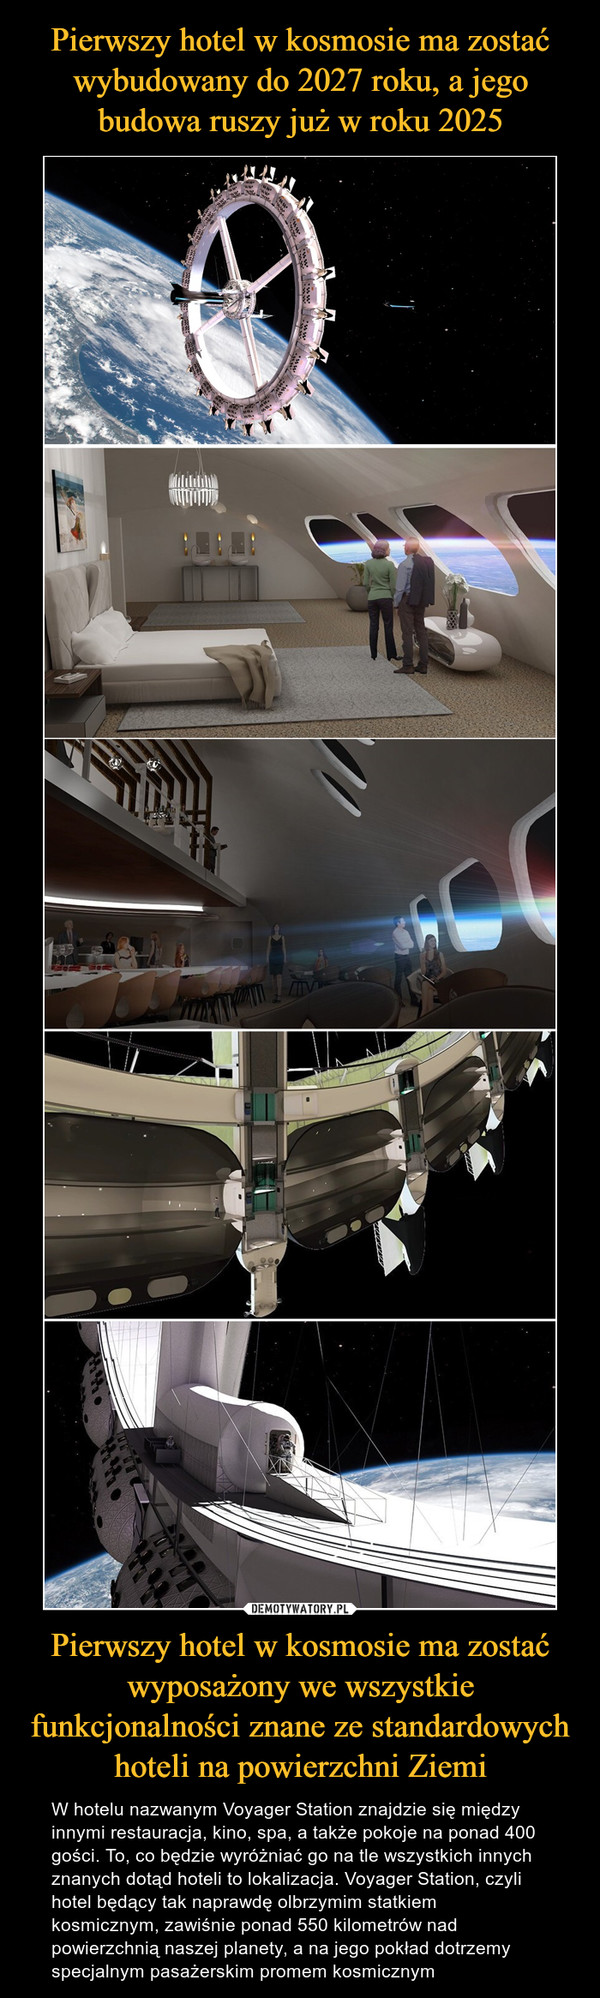 Pierwszy hotel w kosmosie ma zostać wyposażony we wszystkie funkcjonalności znane ze standardowych hoteli na powierzchni Ziemi – W hotelu nazwanym Voyager Station znajdzie się między innymi restauracja, kino, spa, a także pokoje na ponad 400 gości. To, co będzie wyróżniać go na tle wszystkich innych znanych dotąd hoteli to lokalizacja. Voyager Station, czyli hotel będący tak naprawdę olbrzymim statkiem kosmicznym, zawiśnie ponad 550 kilometrów nad powierzchnią naszej planety, a na jego pokład dotrzemy specjalnym pasażerskim promem kosmicznym